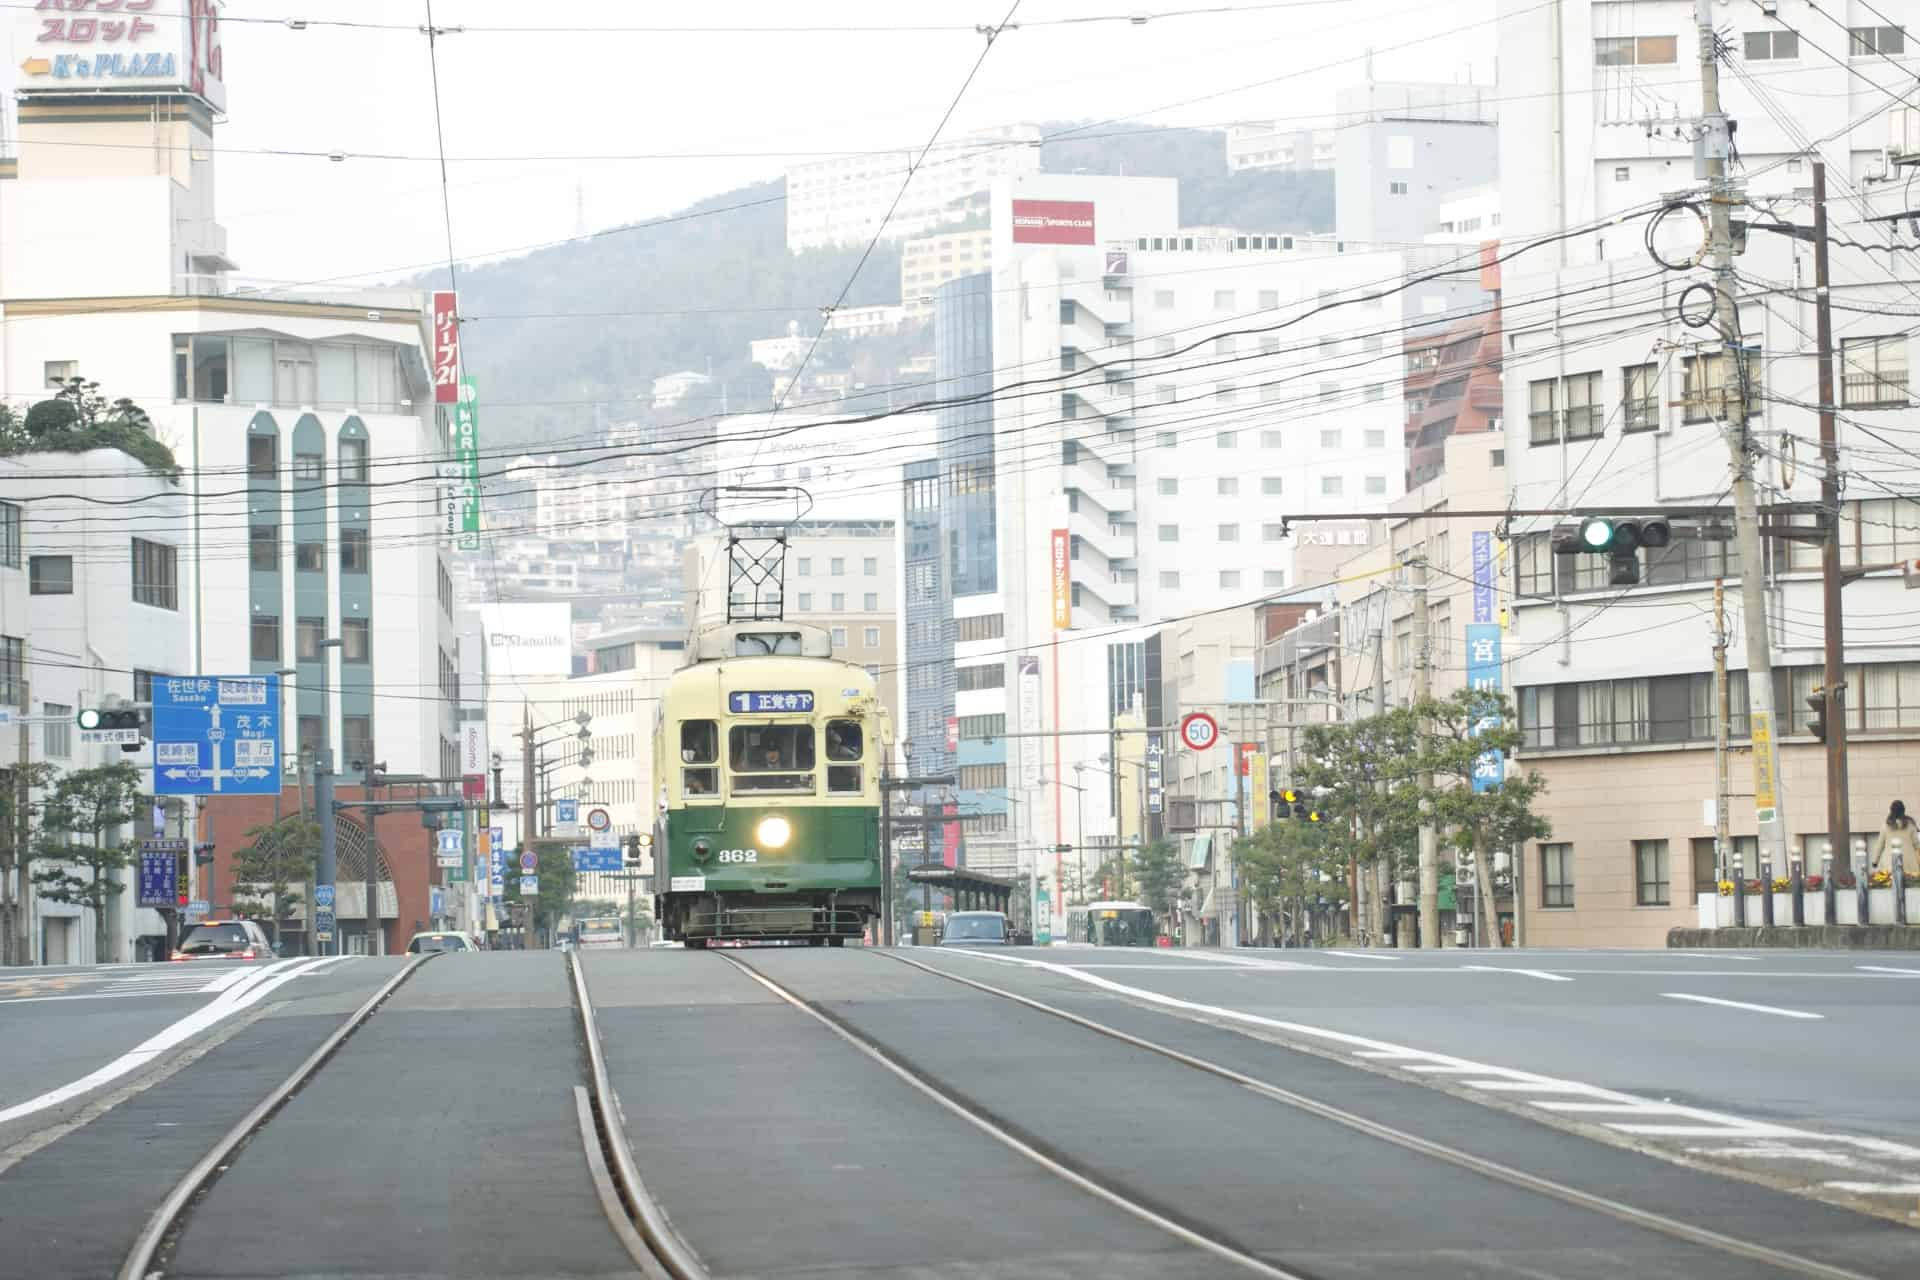 นางาซากิ (nagasaki)